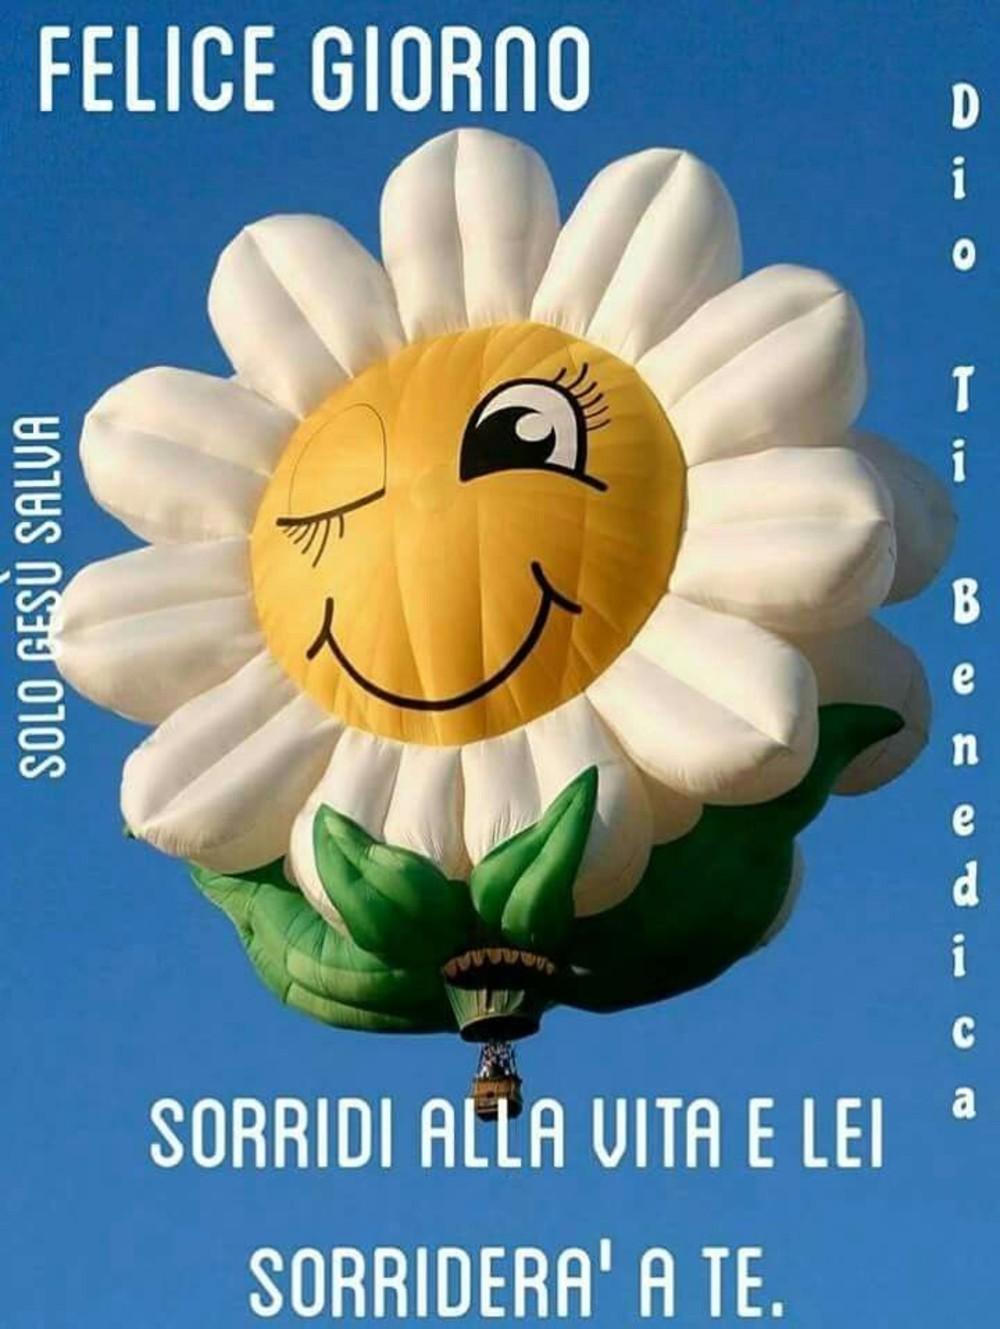 Felice Giorno sorridi alla vita